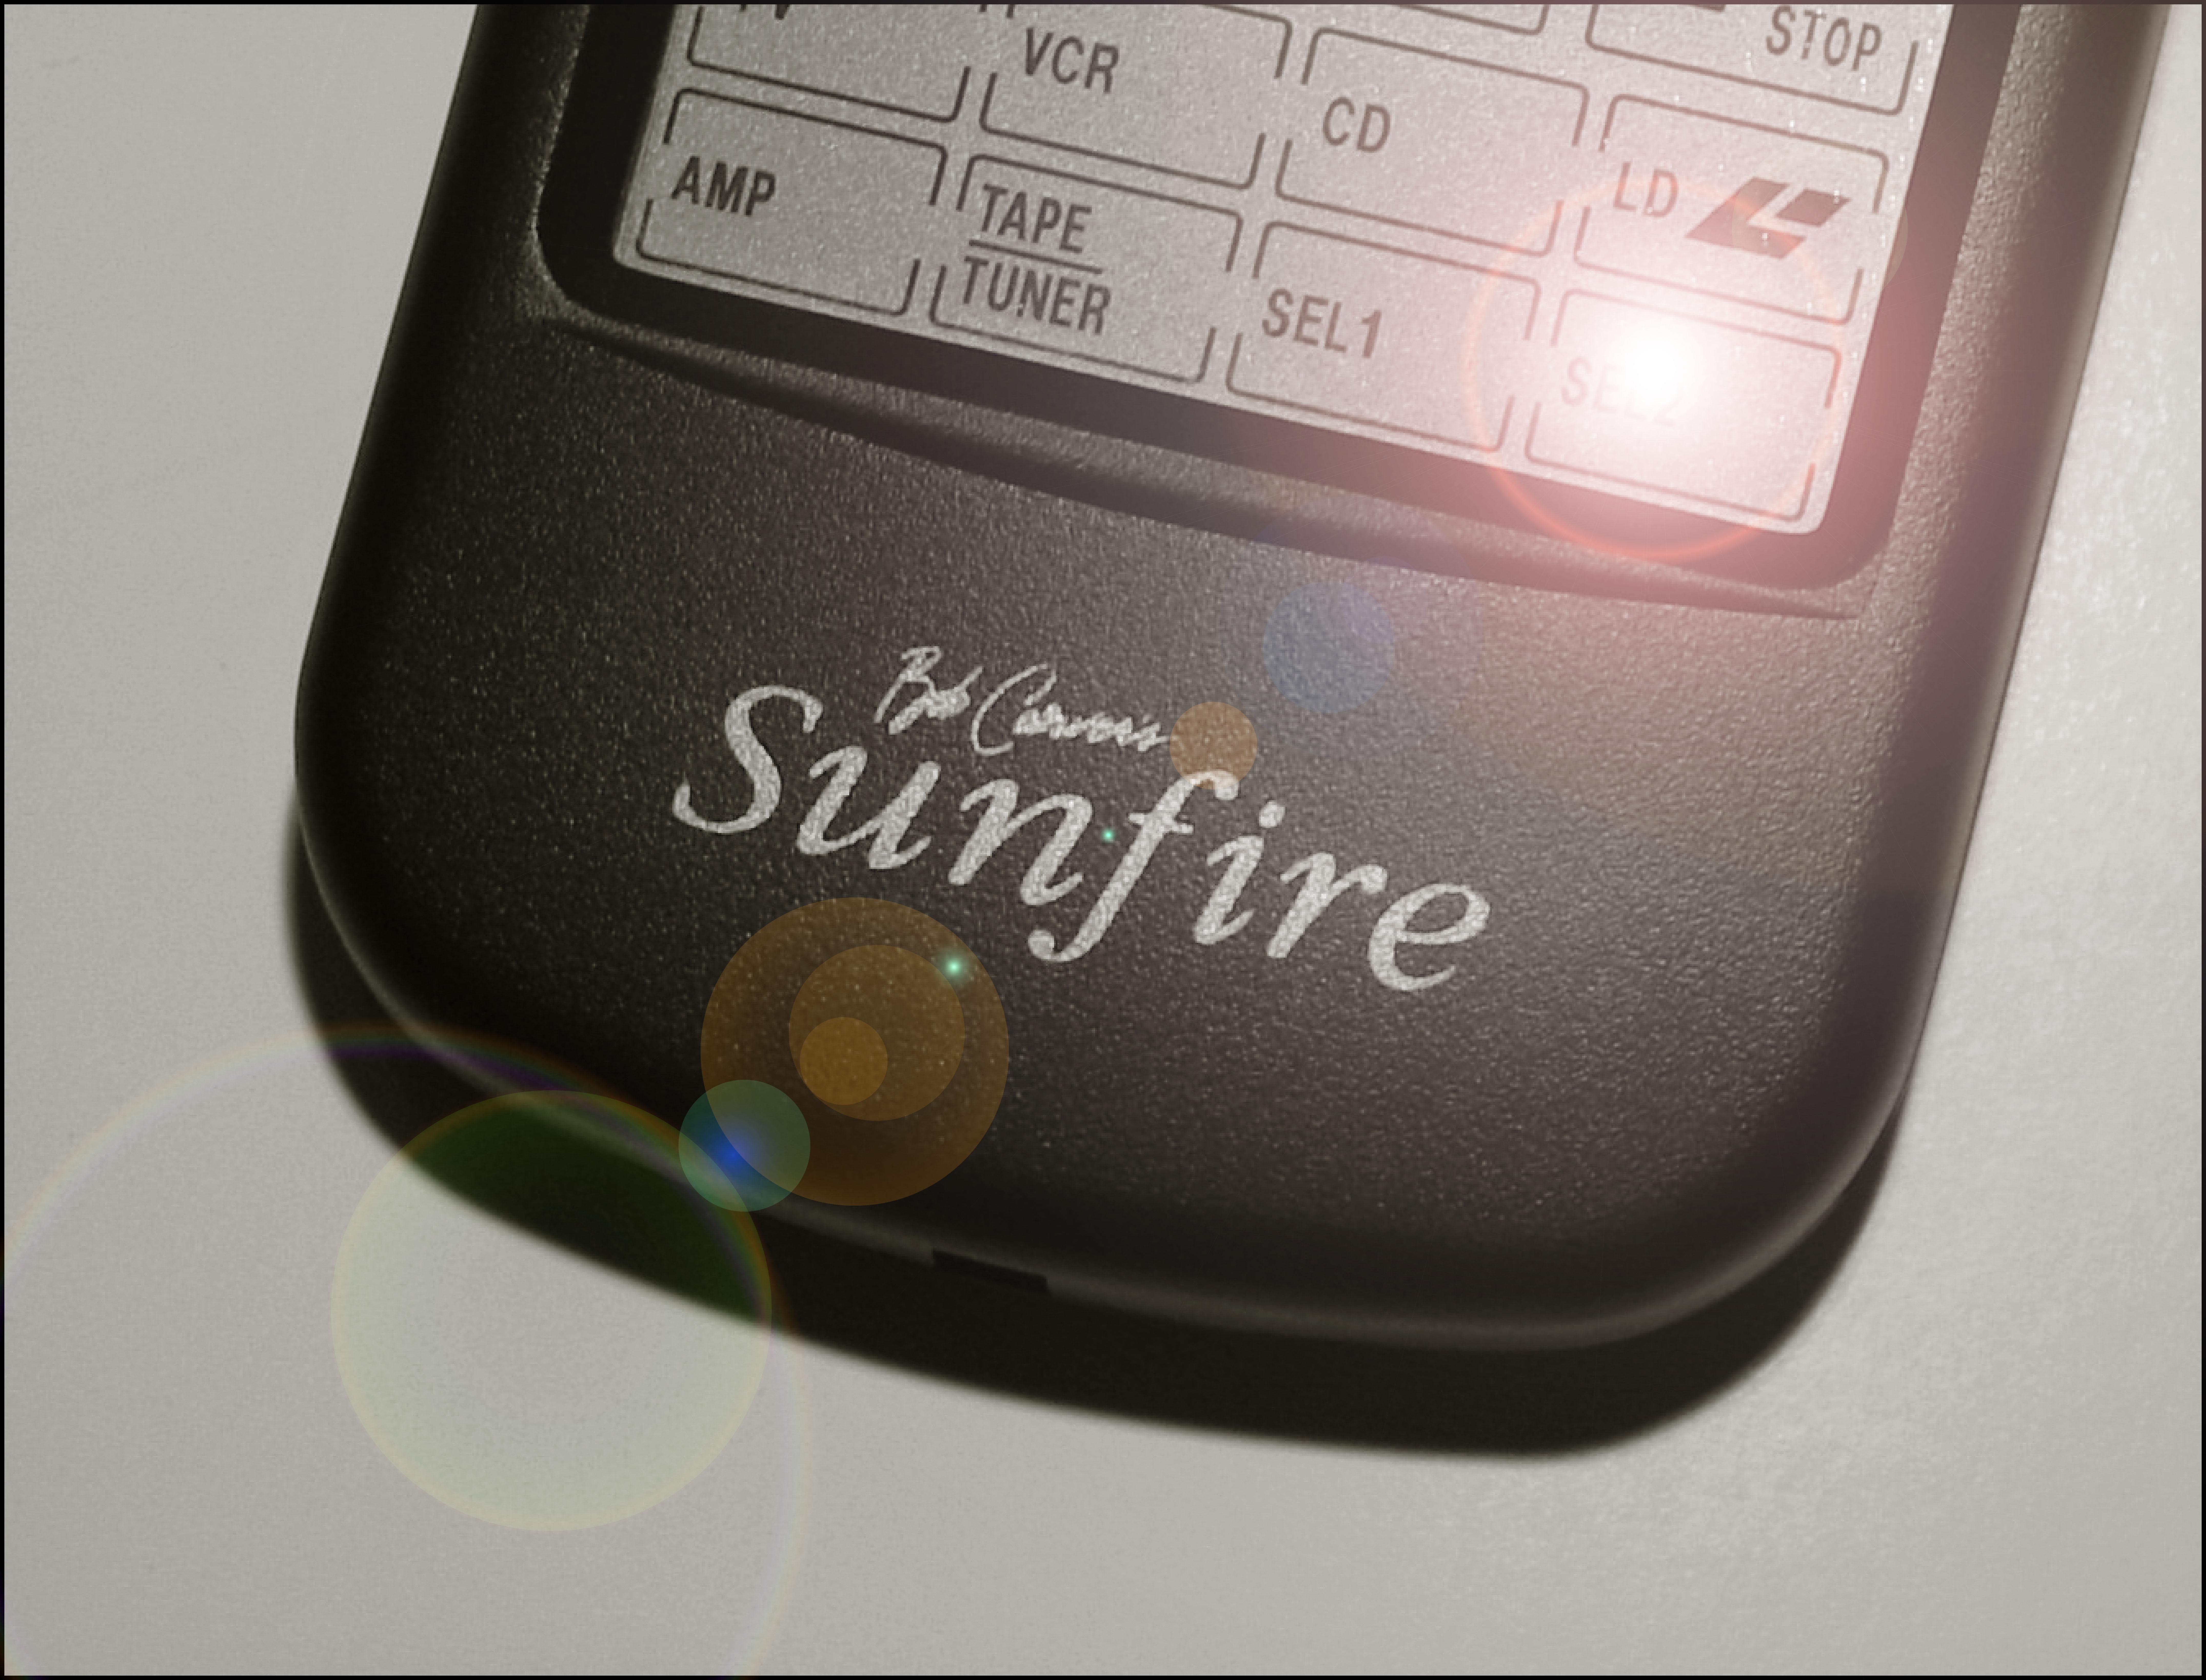 SUNFIRE remote